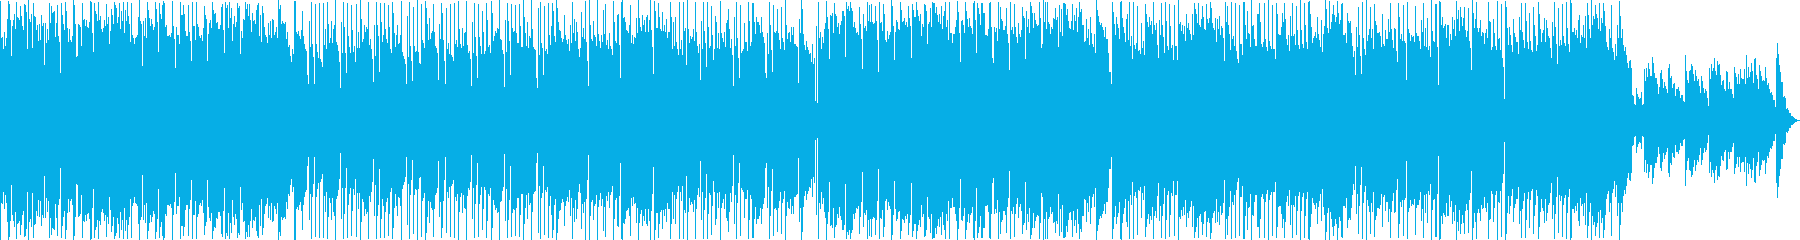 キラキラしたメロディーが特徴的なバラードの再生済みの波形